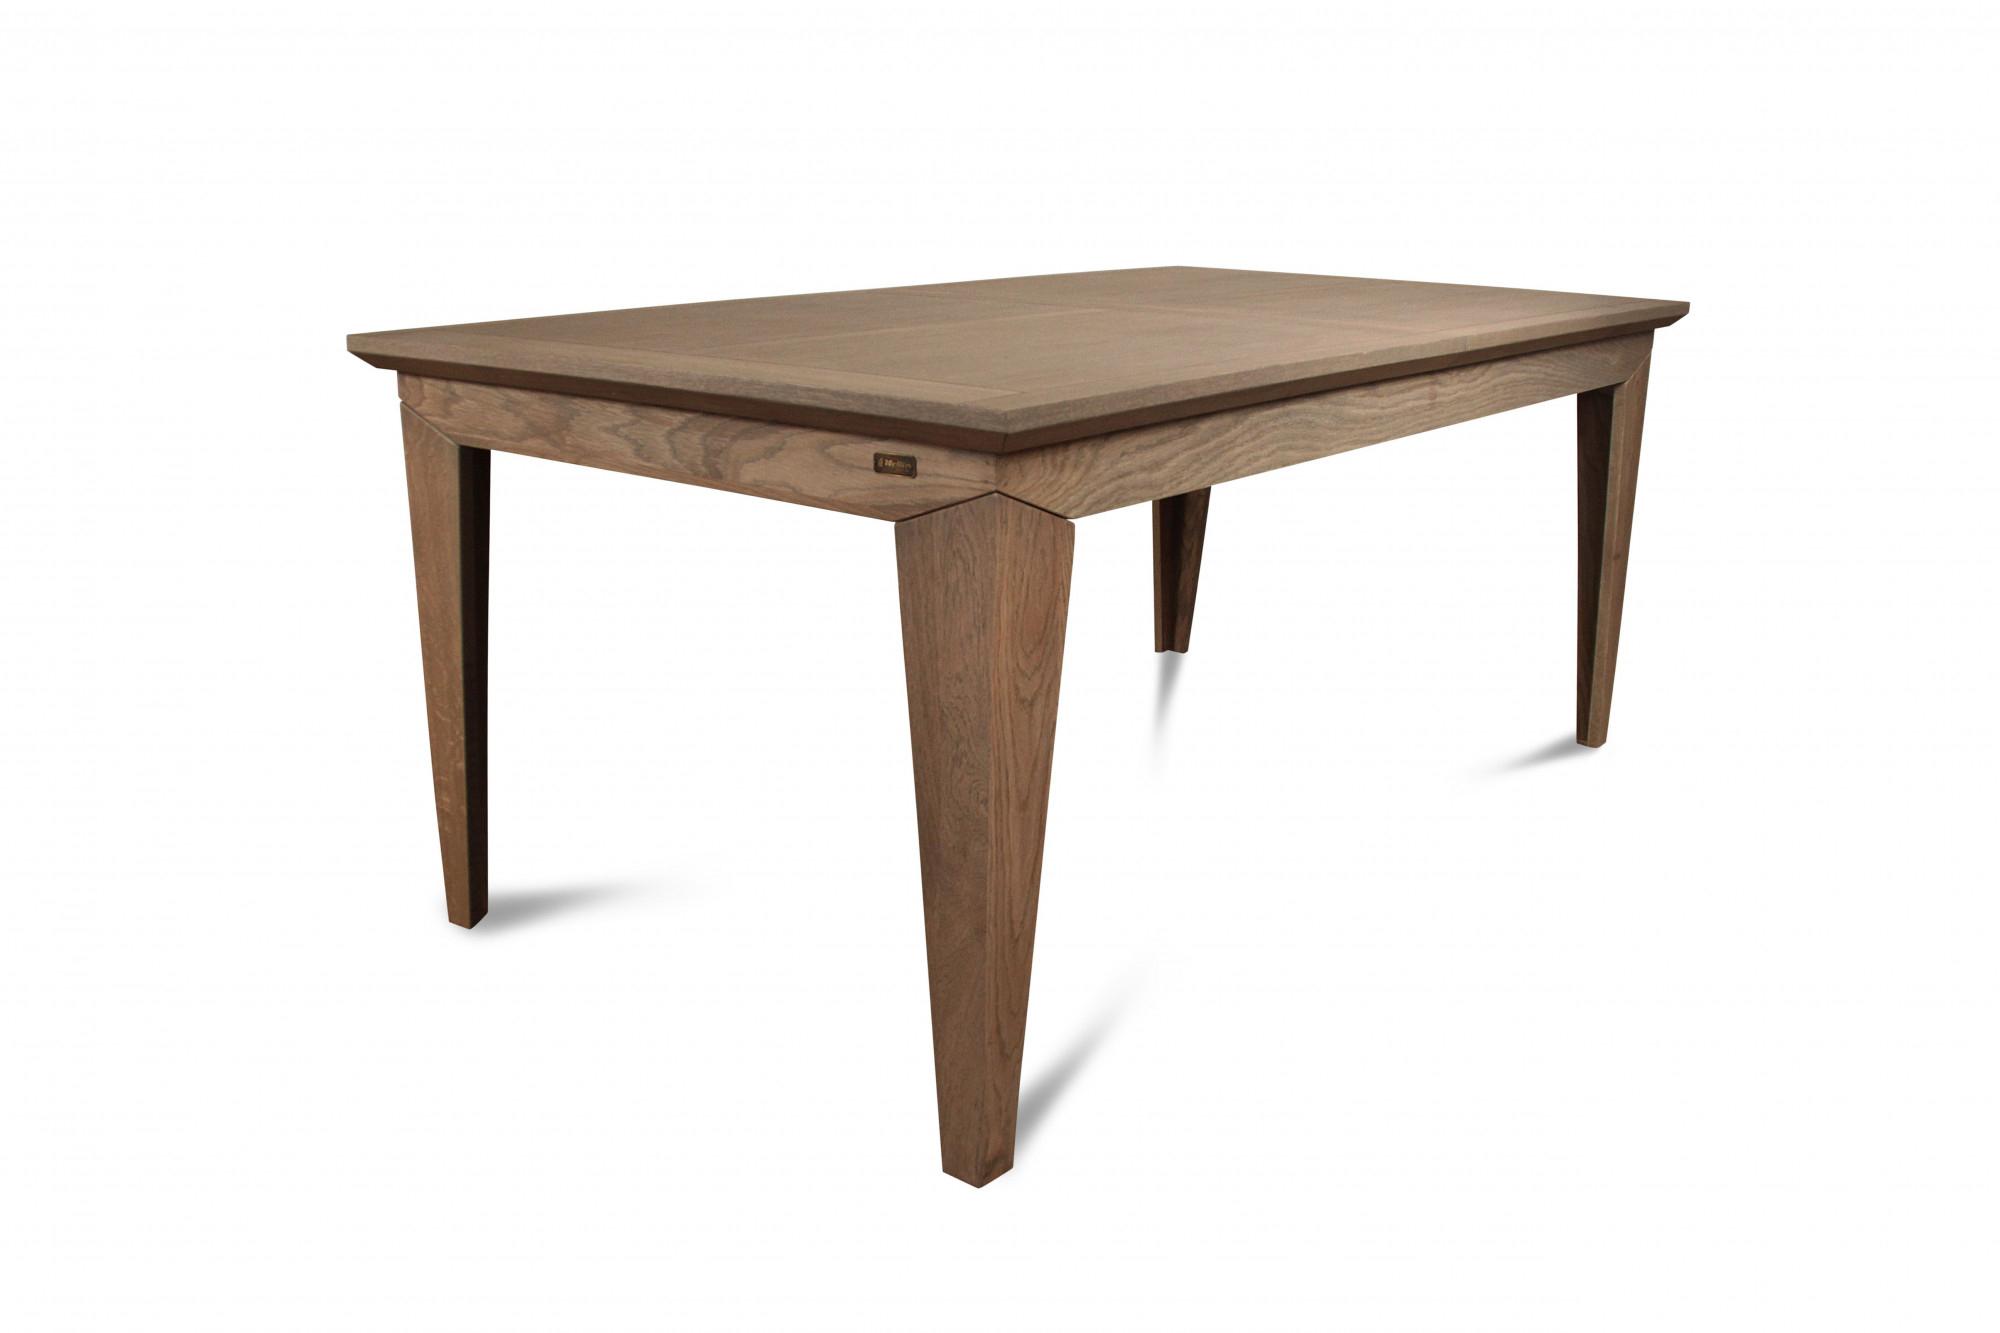 Table Basse Carree Bois 120X120 — Lamichaure serapportantà Meuble Hellin Occasion